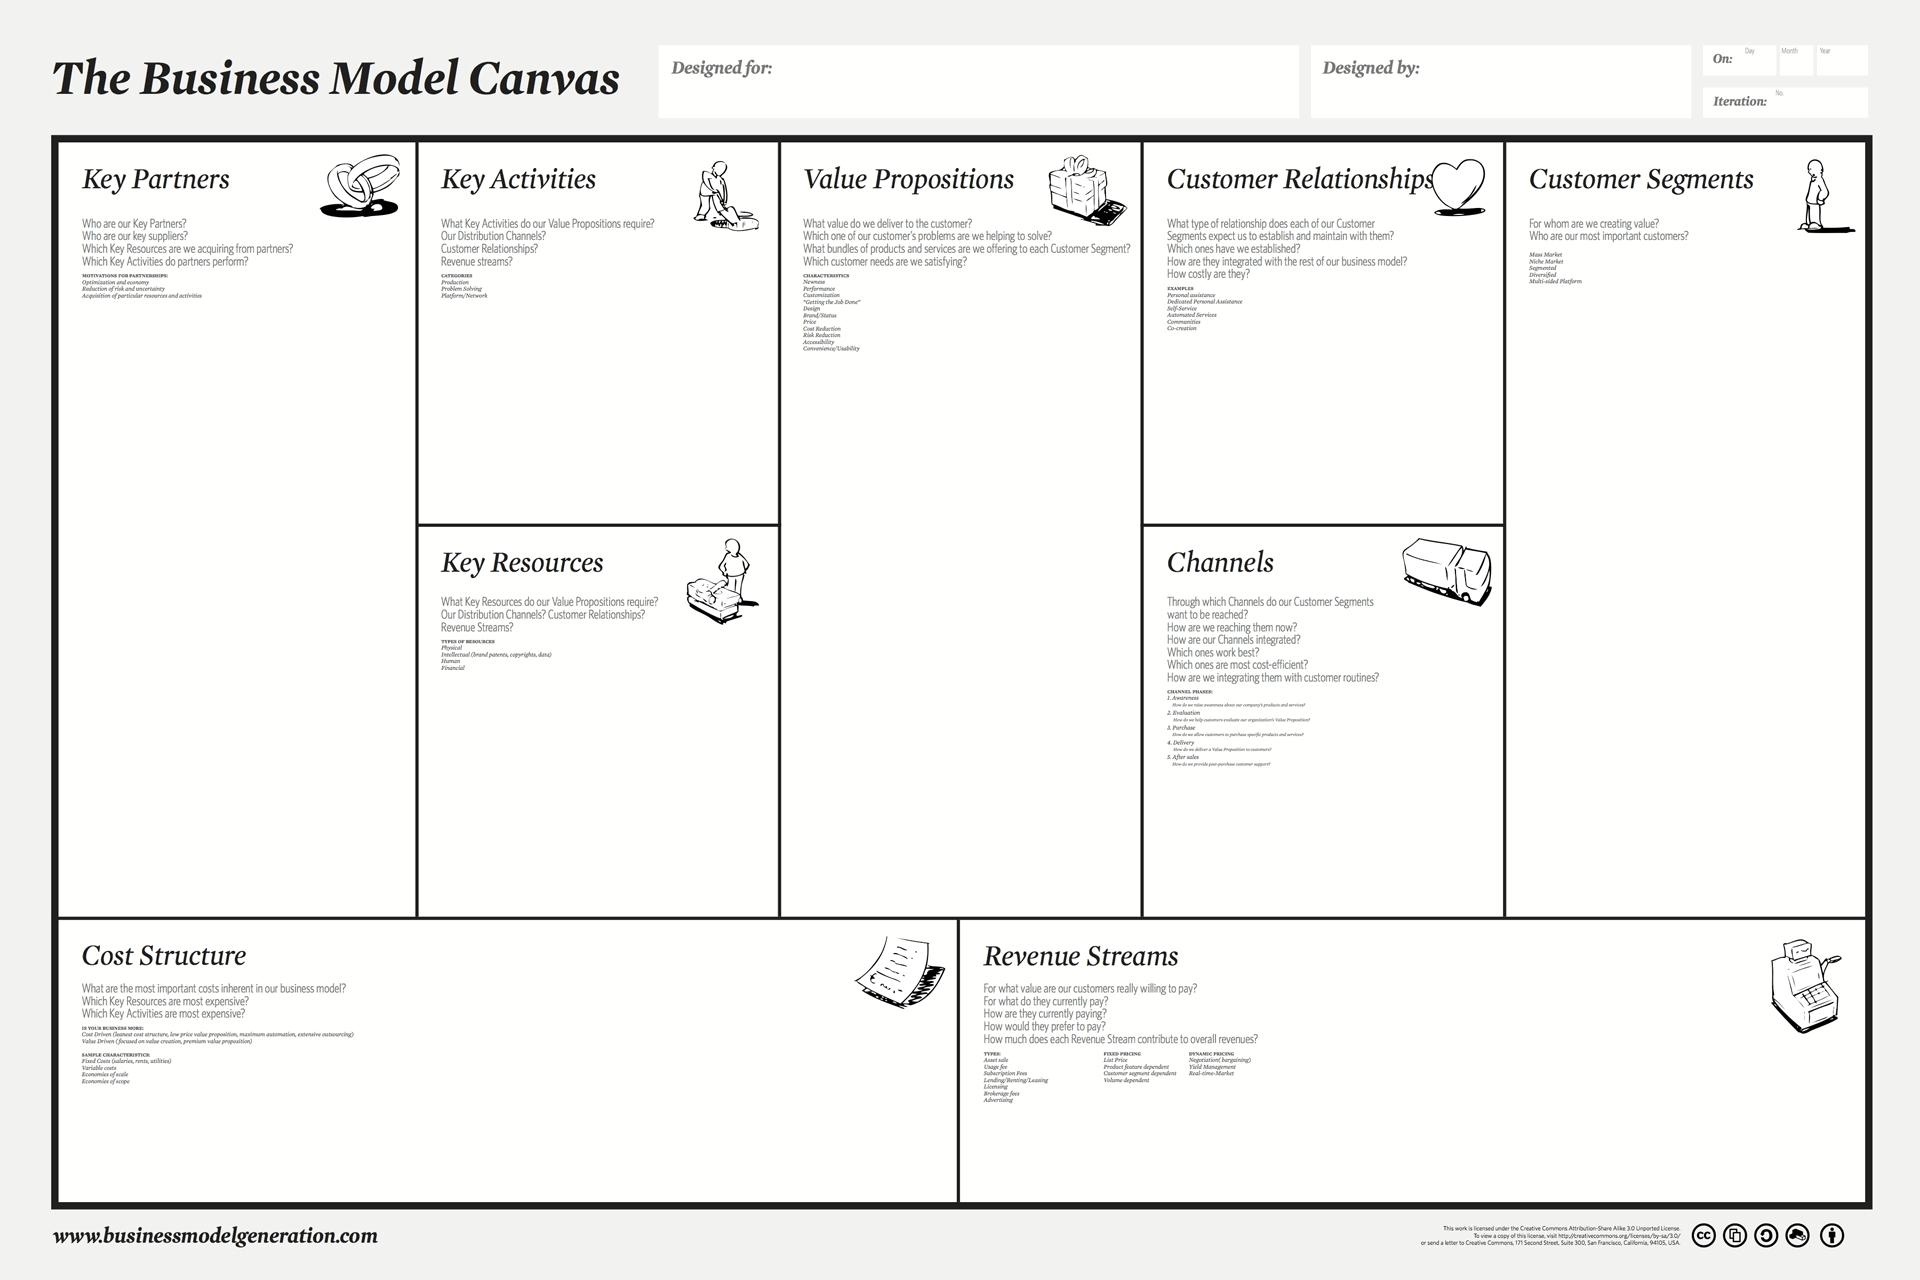 Модель Алекса ОстервальдерА - Business Model Canvas